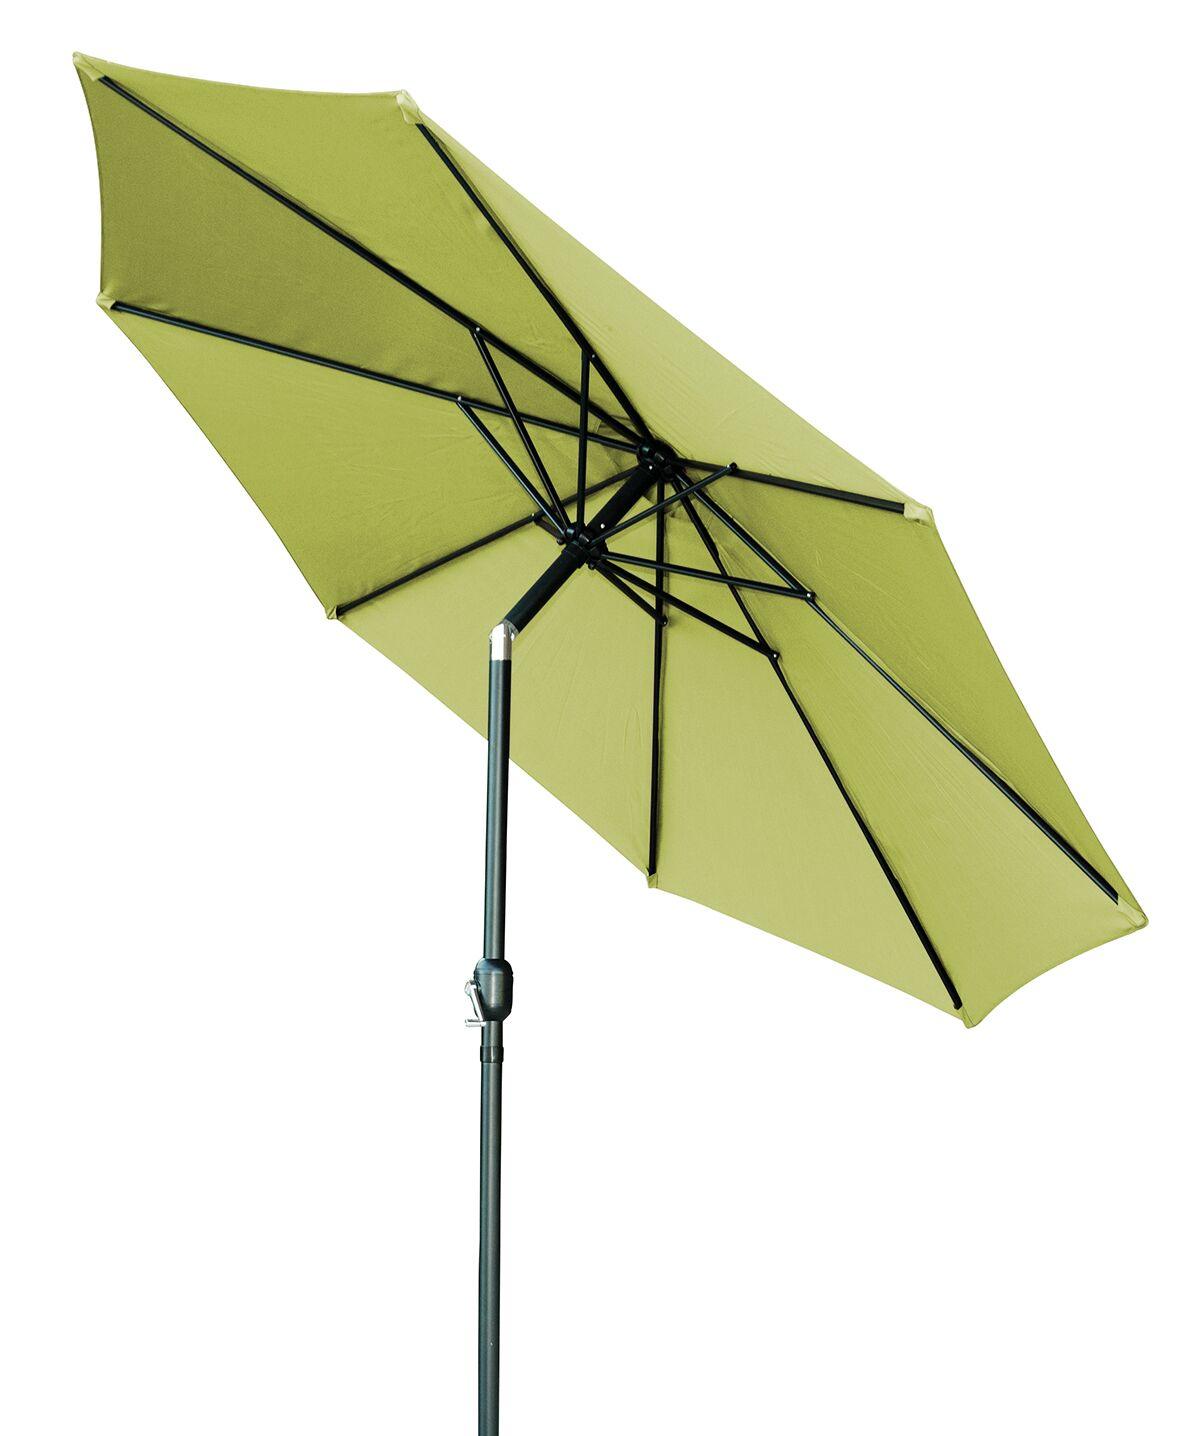 9.5' Market Umbrella Color: Light Green